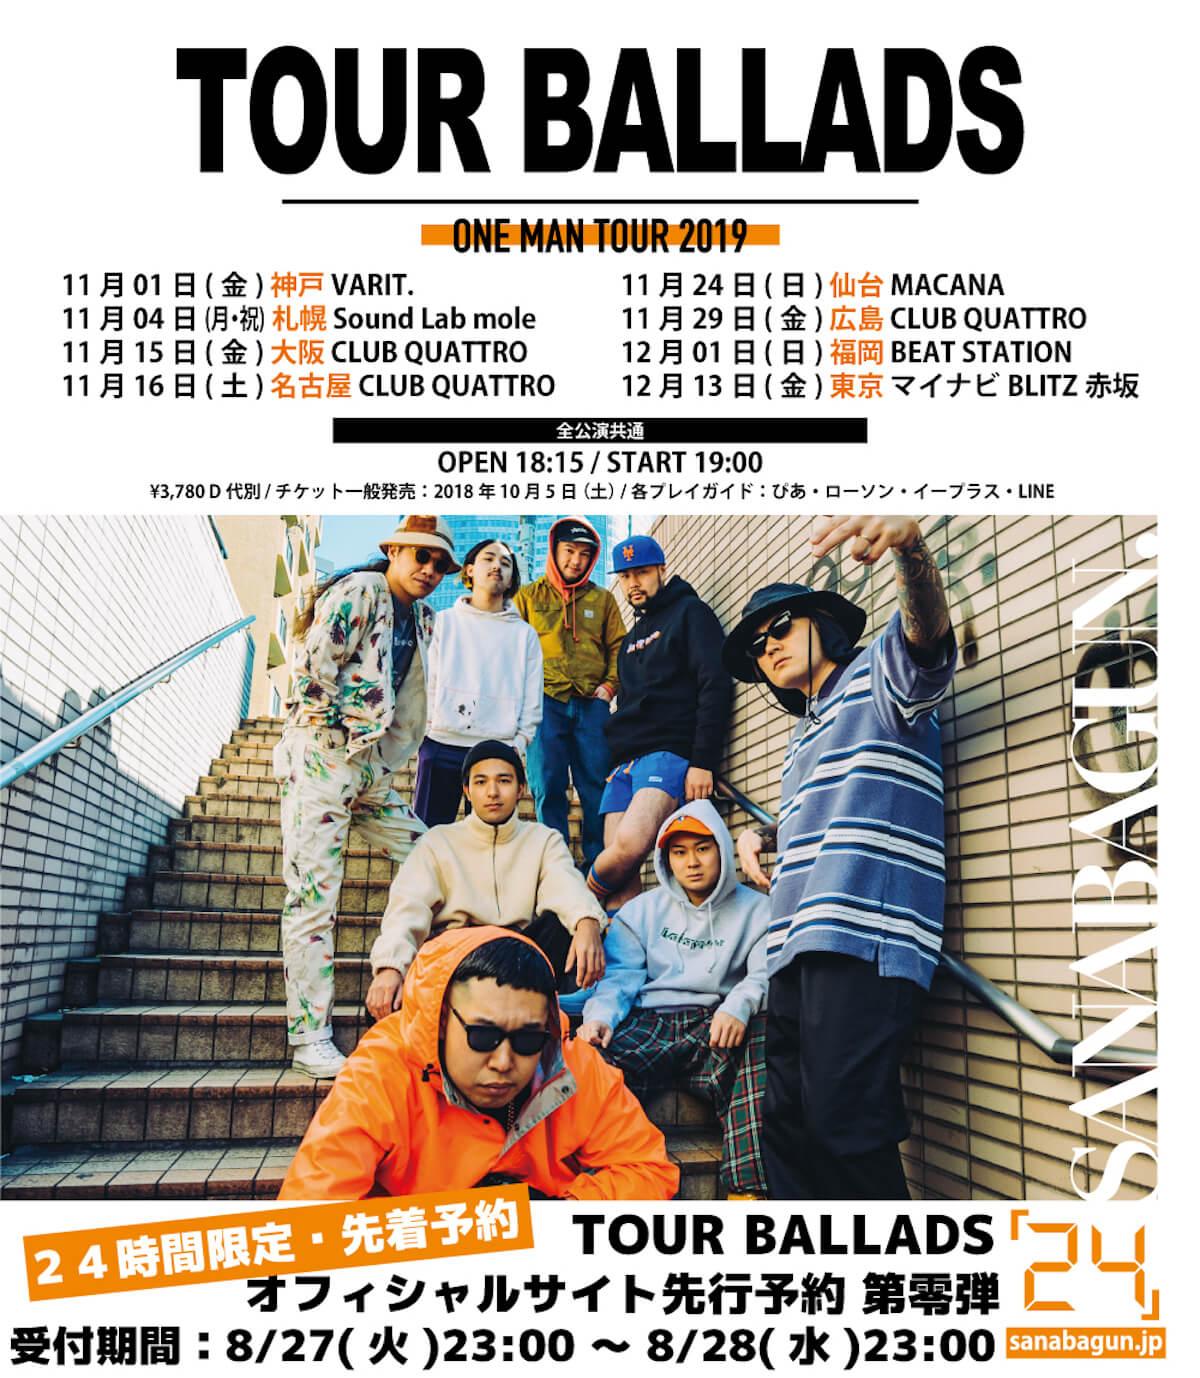 フェスレポート|SANABAGUN.が切り取る<FUJI ROCK FESTIVAL'19> music190828_ballads_sanabagun_tour